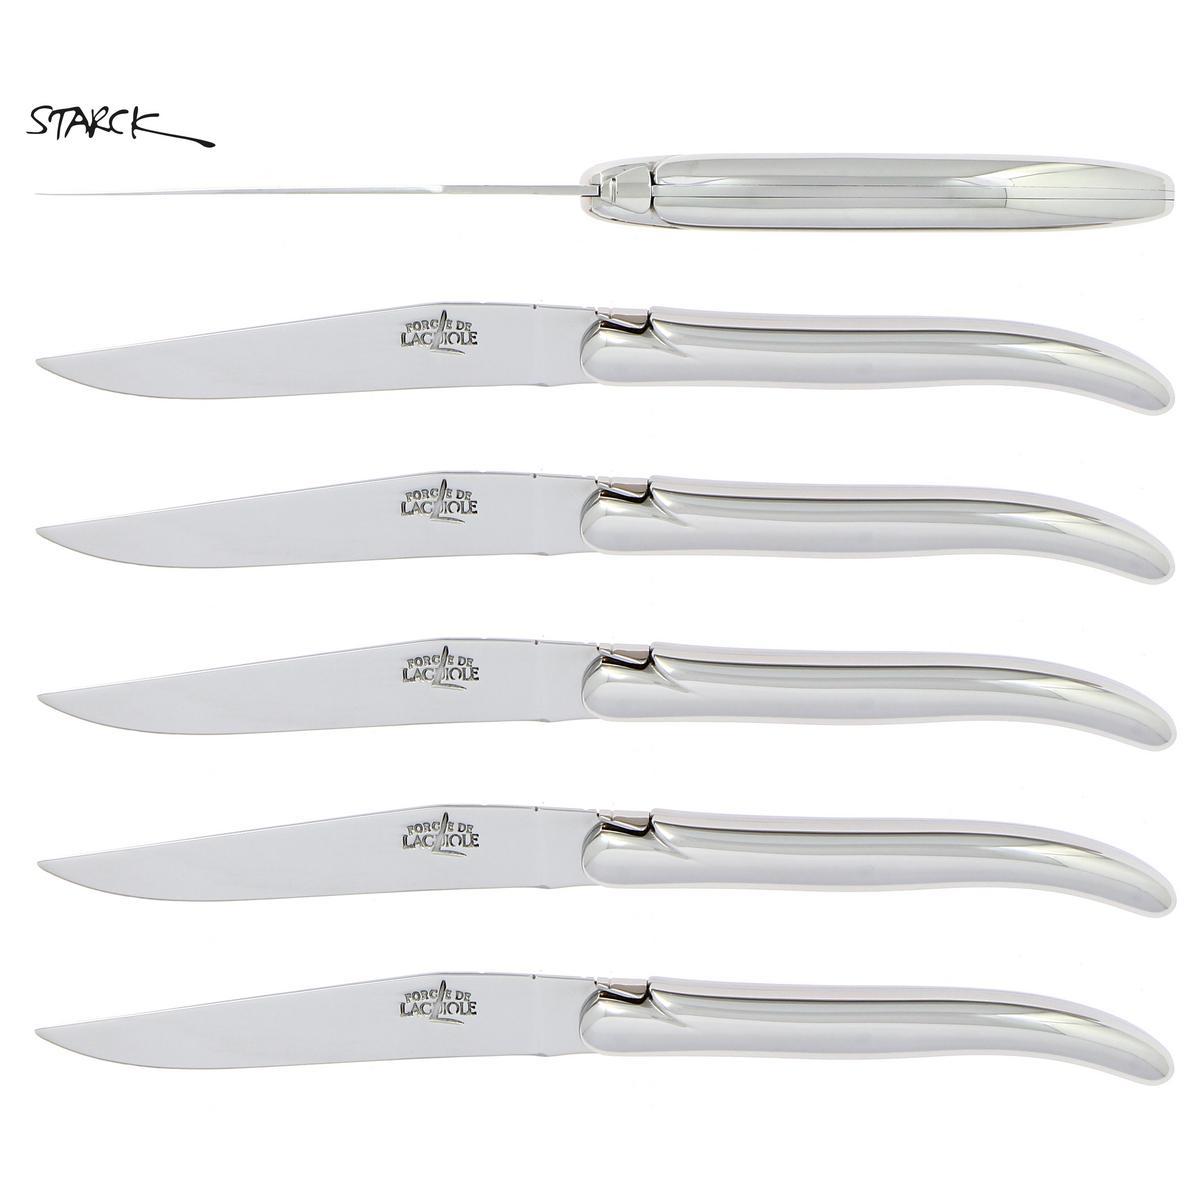 forge de laguiole philippe starck steak knives set of 6 artedonacom - Laguiole Steak Knives